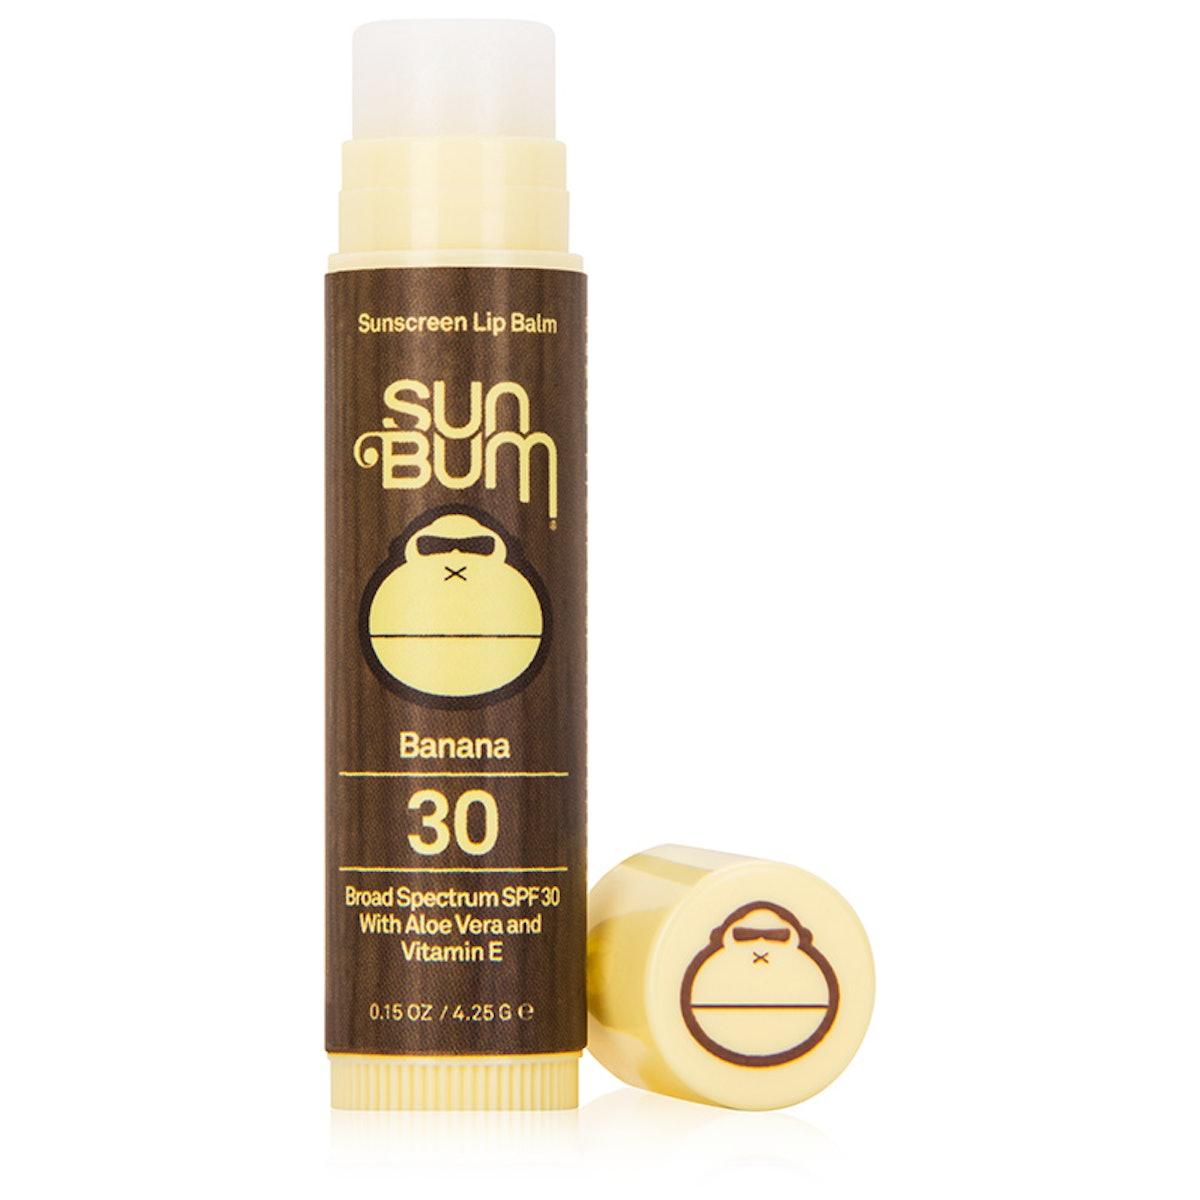 Sun Bum Sunscreen Lip Balm SPF 30